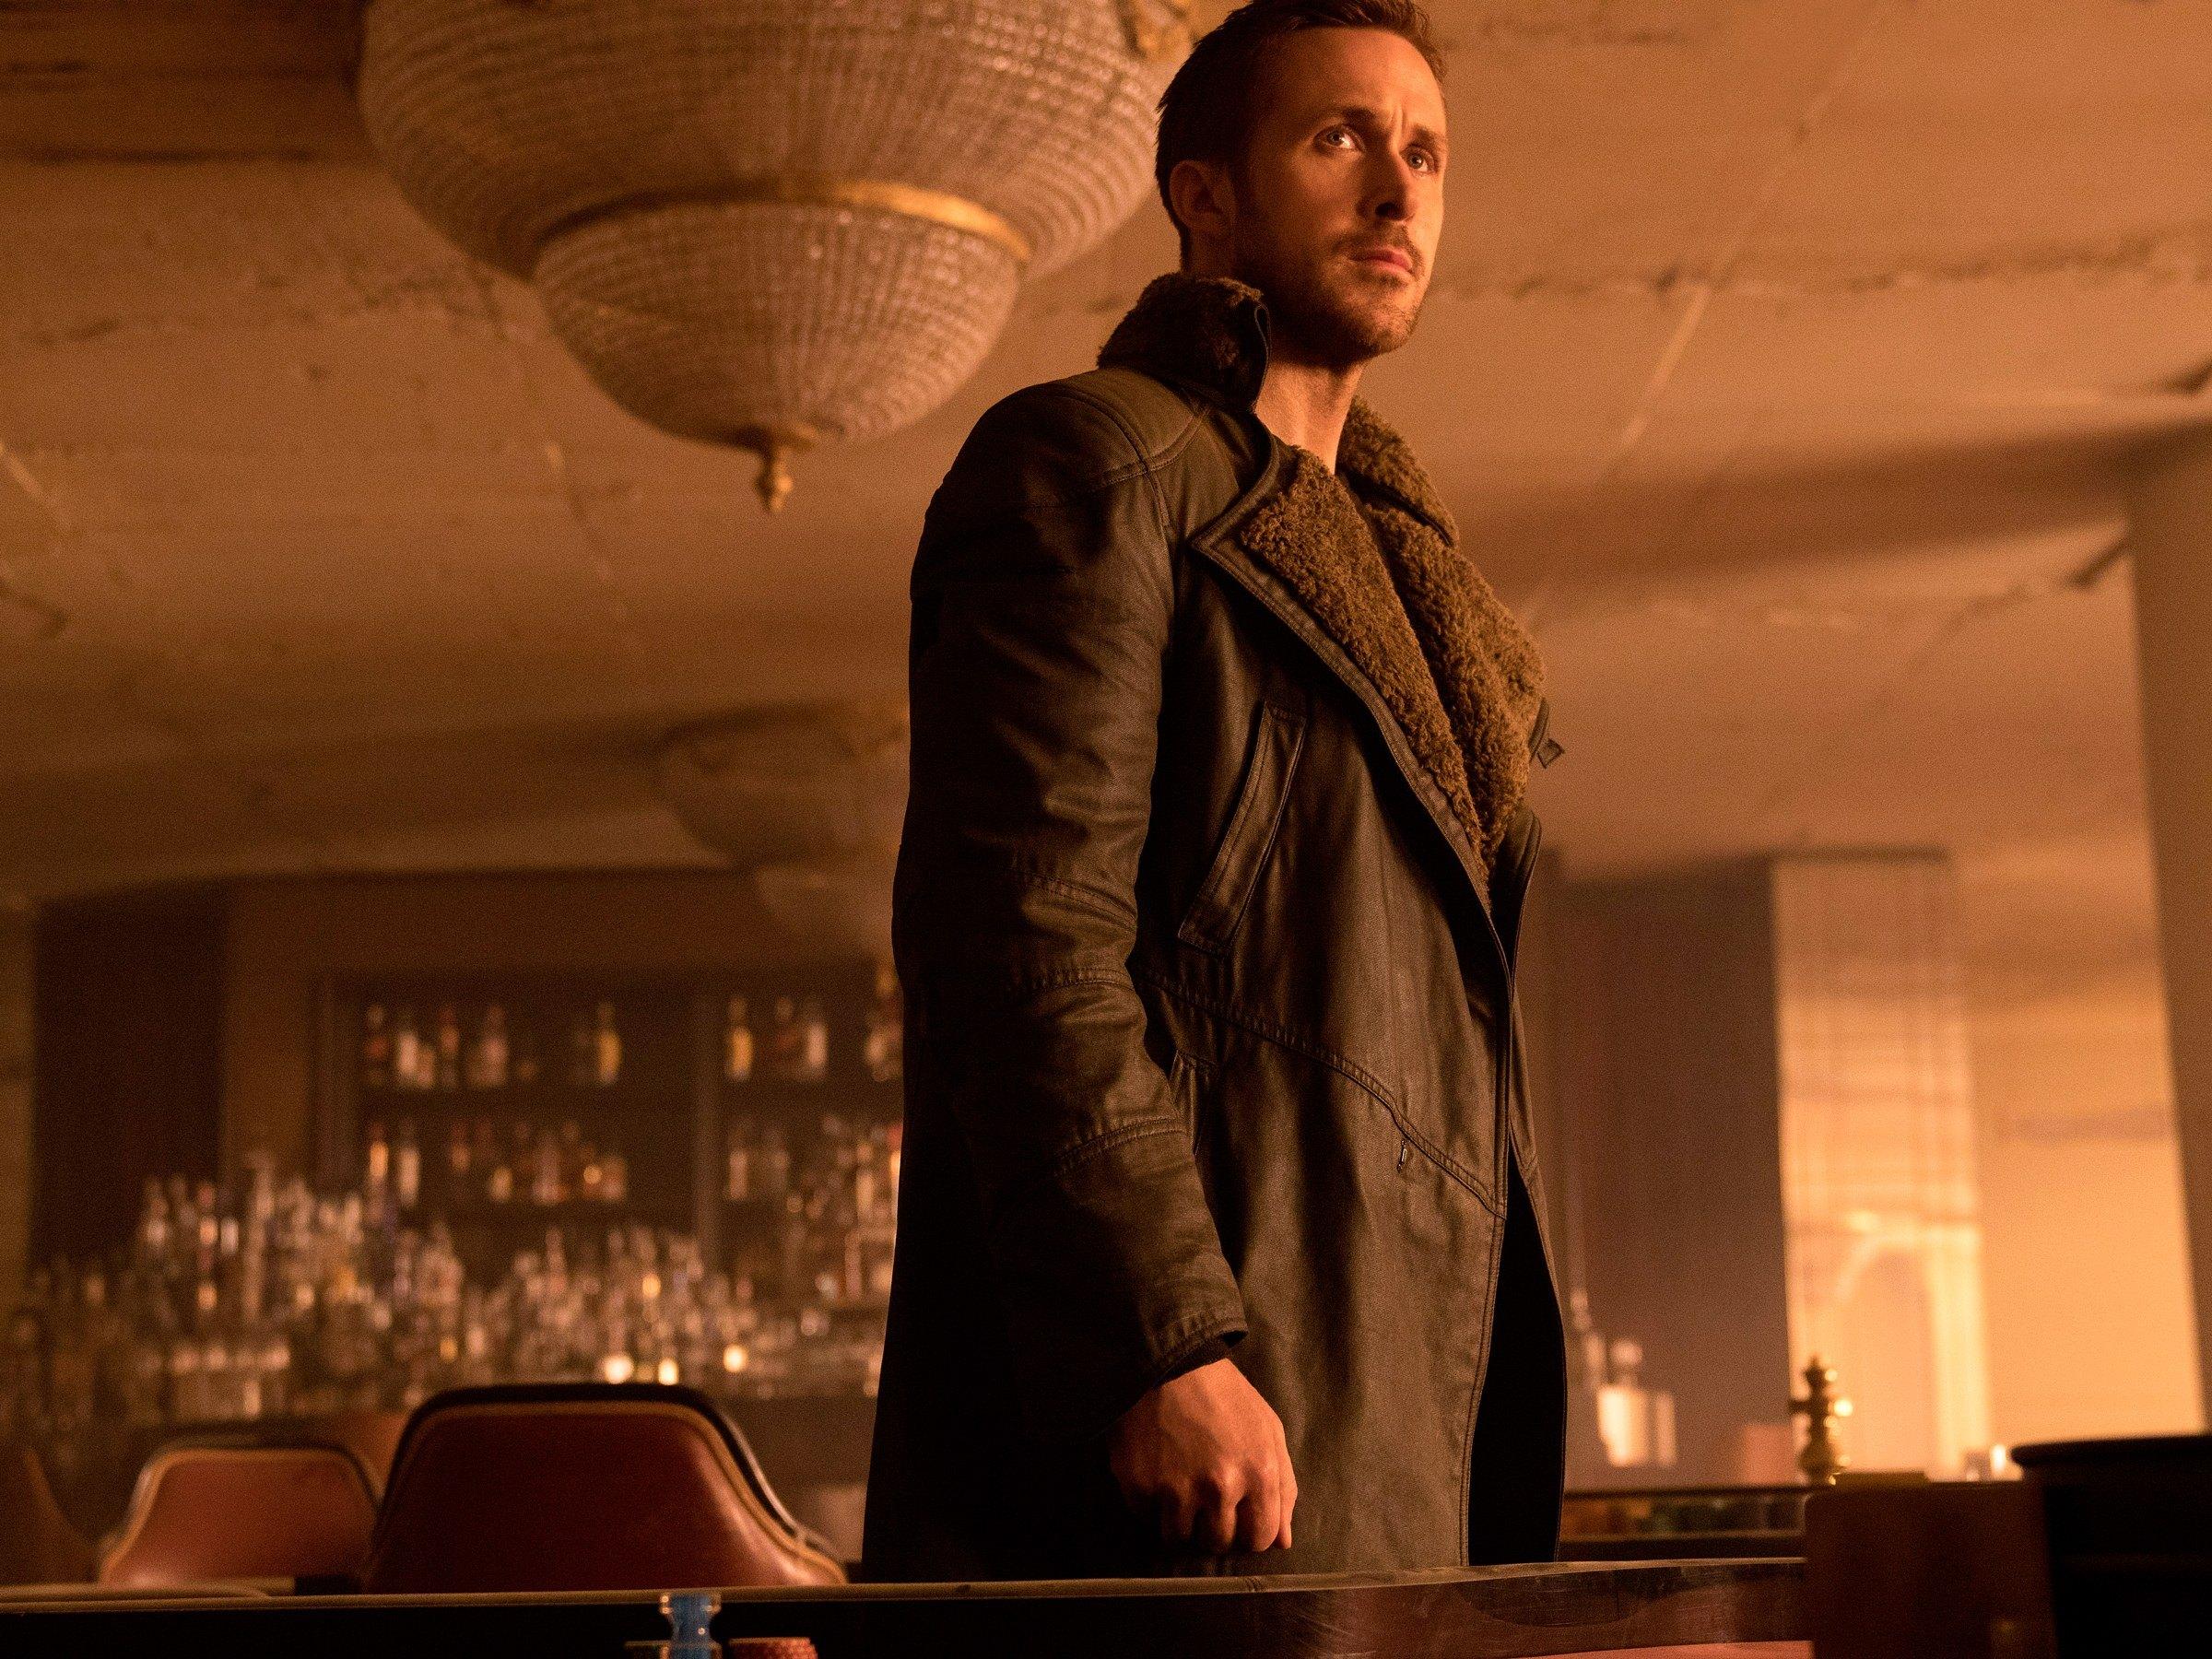 Ryan Gosling stands in a restaurant under a chandelier in Blade Runner 2049